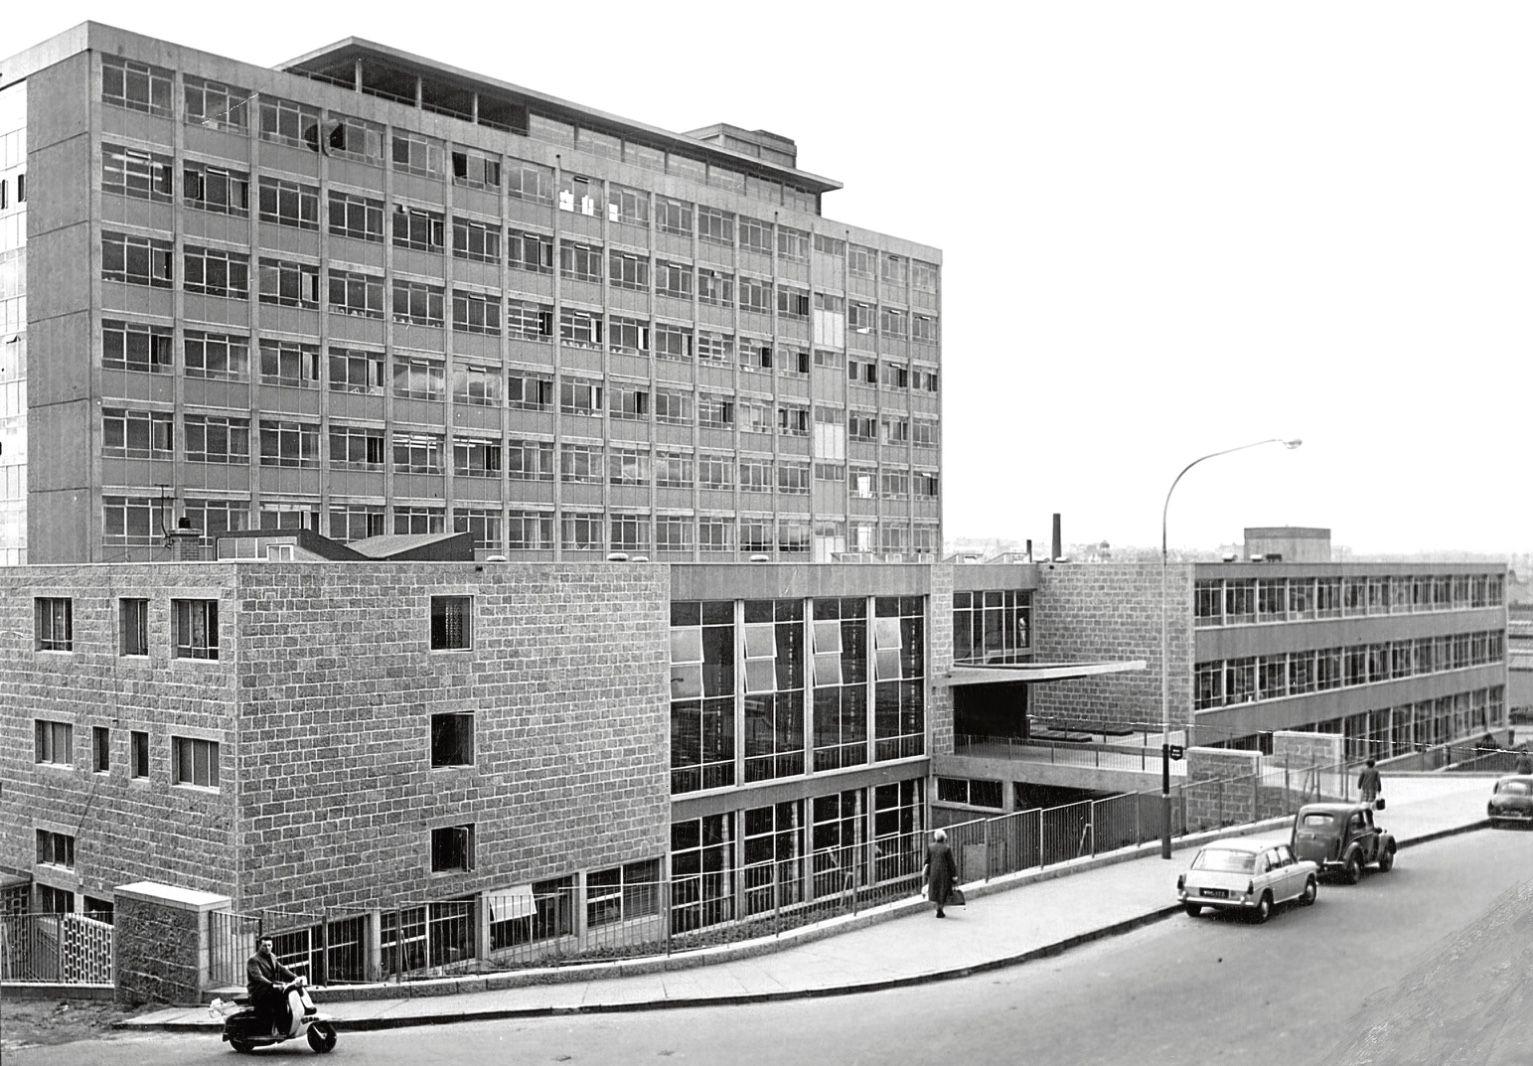 Amadeus Nightclub Aberdeen 1964, aberdeen techie college, gallowgate entrance. in 2019